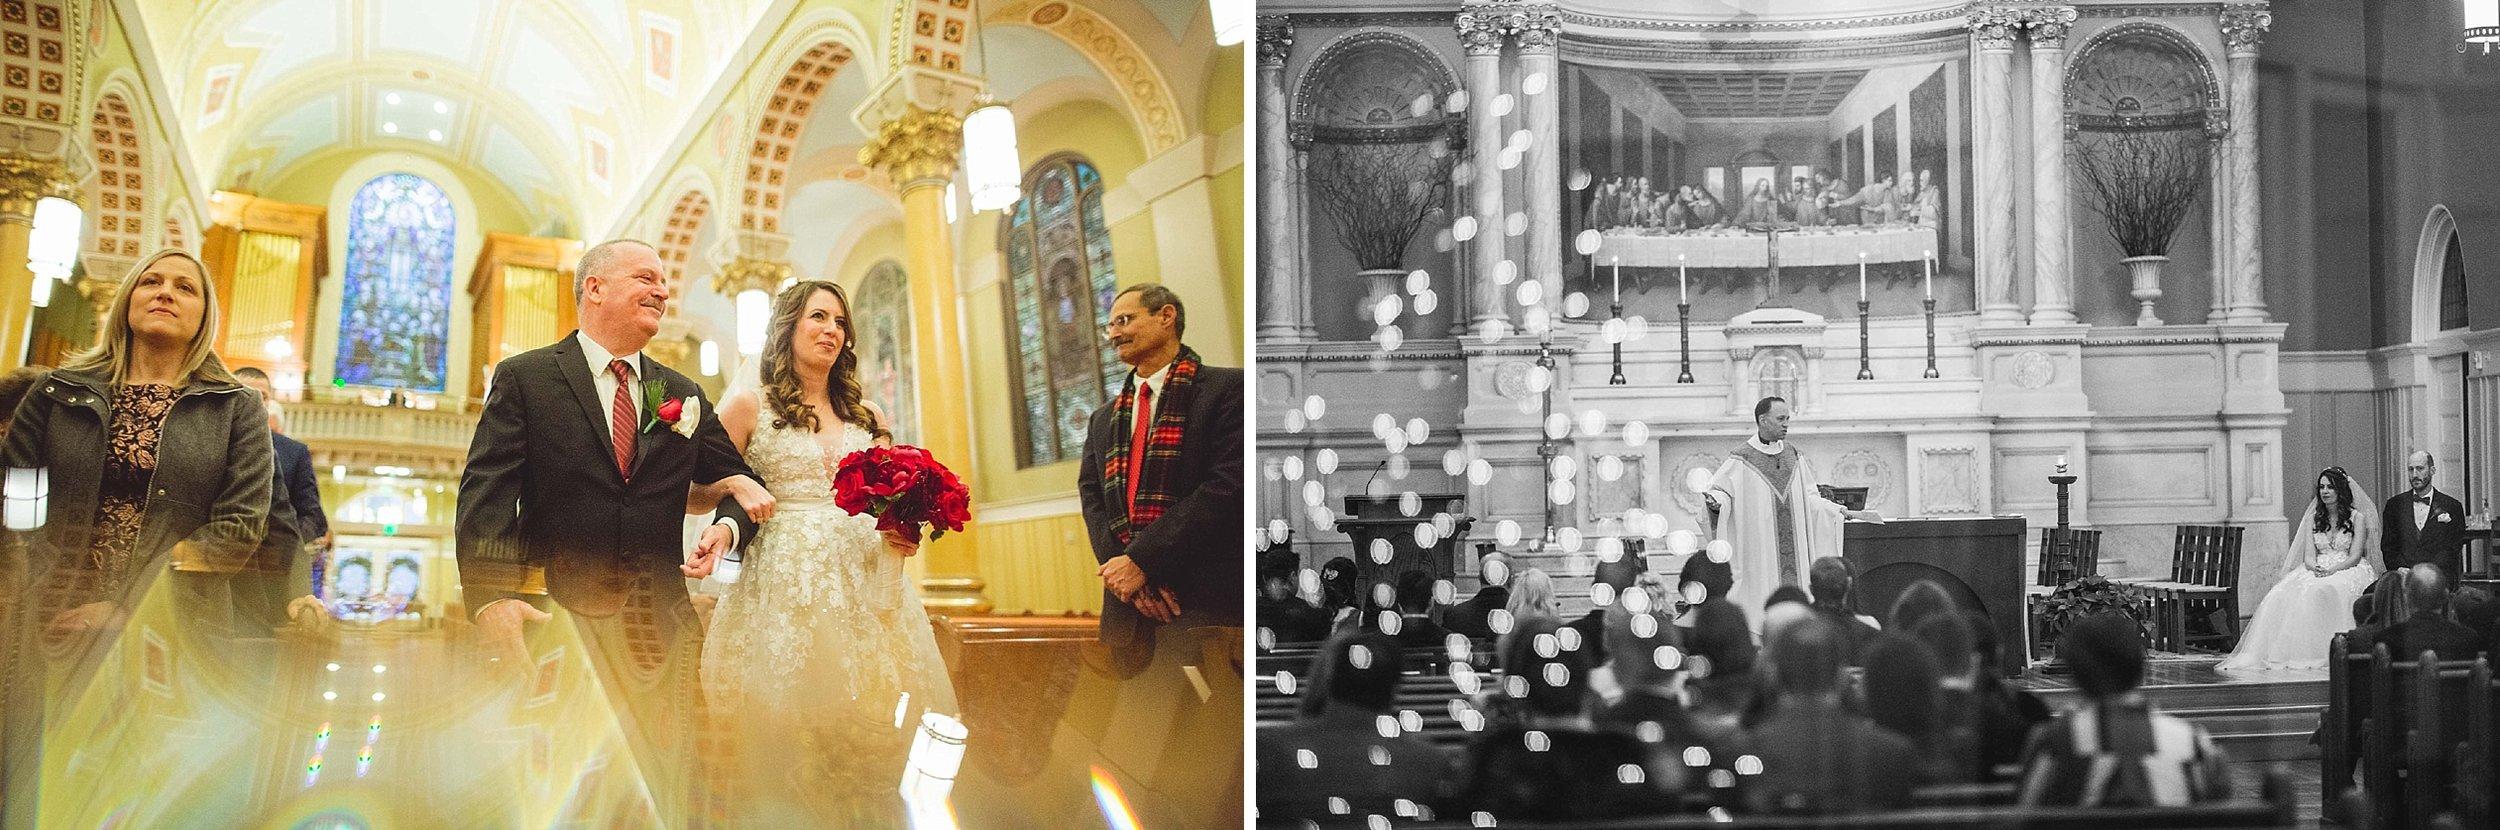 Omni-parker-wedding-32.jpg